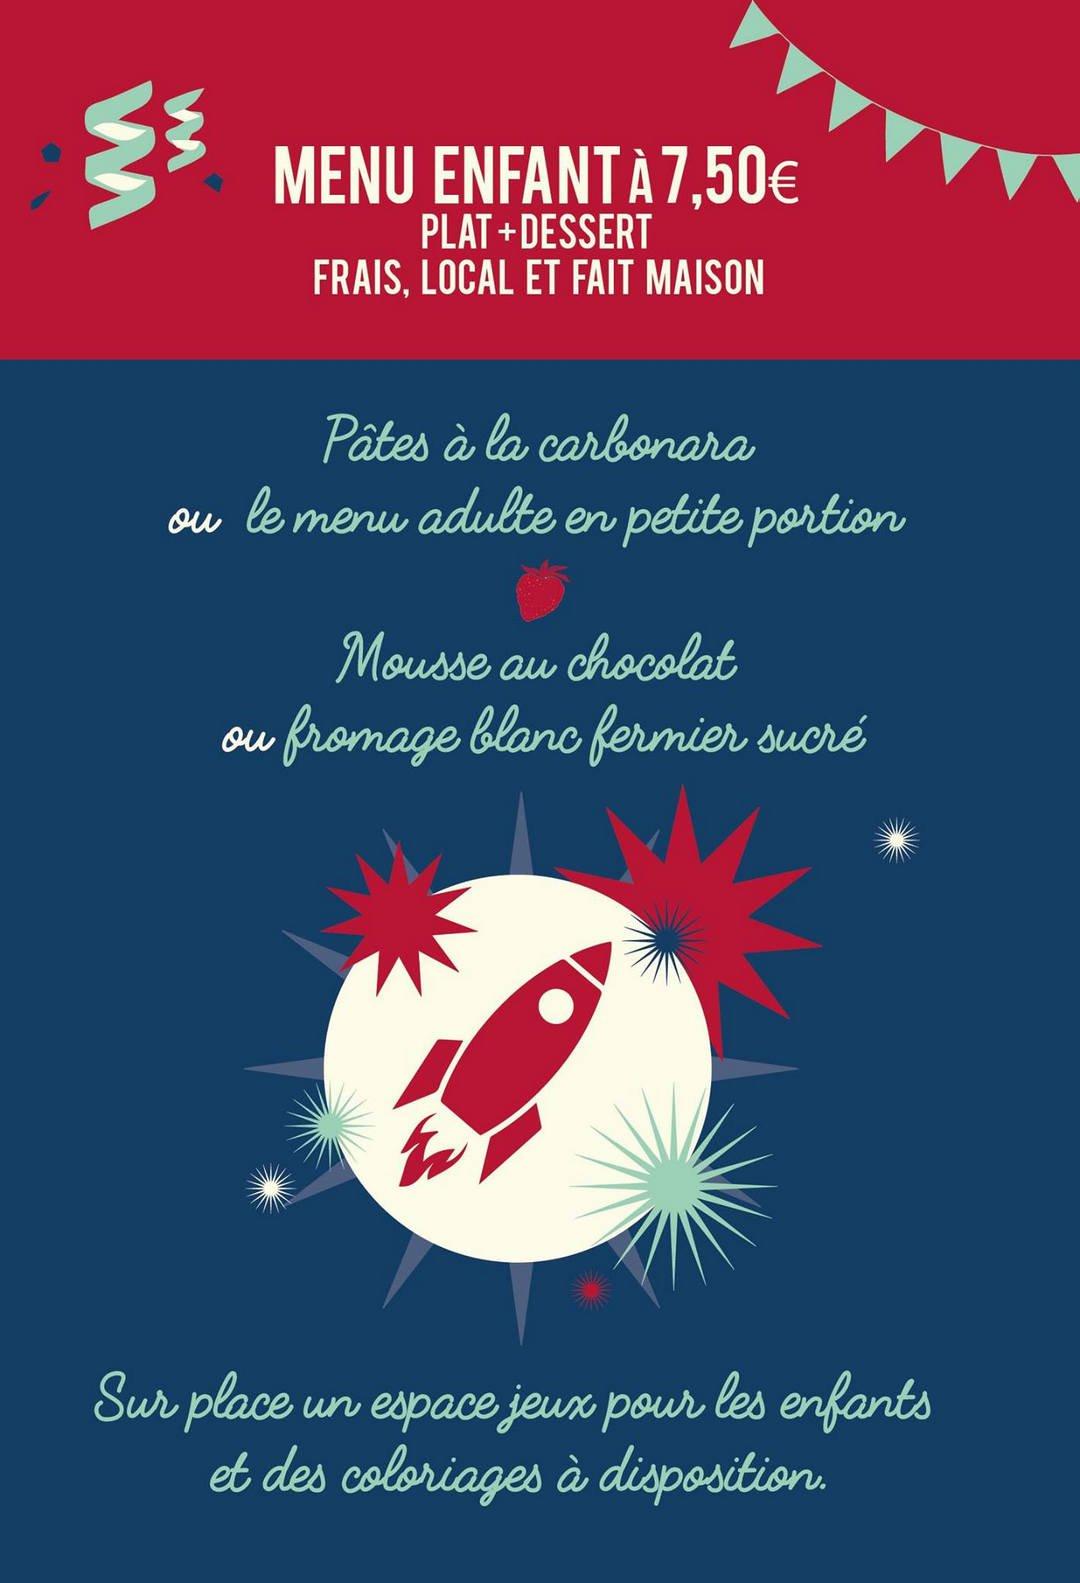 Carte De Menu Pour Noel.Pas De Fraise A Noel A Caen Carte Menu Et Photos